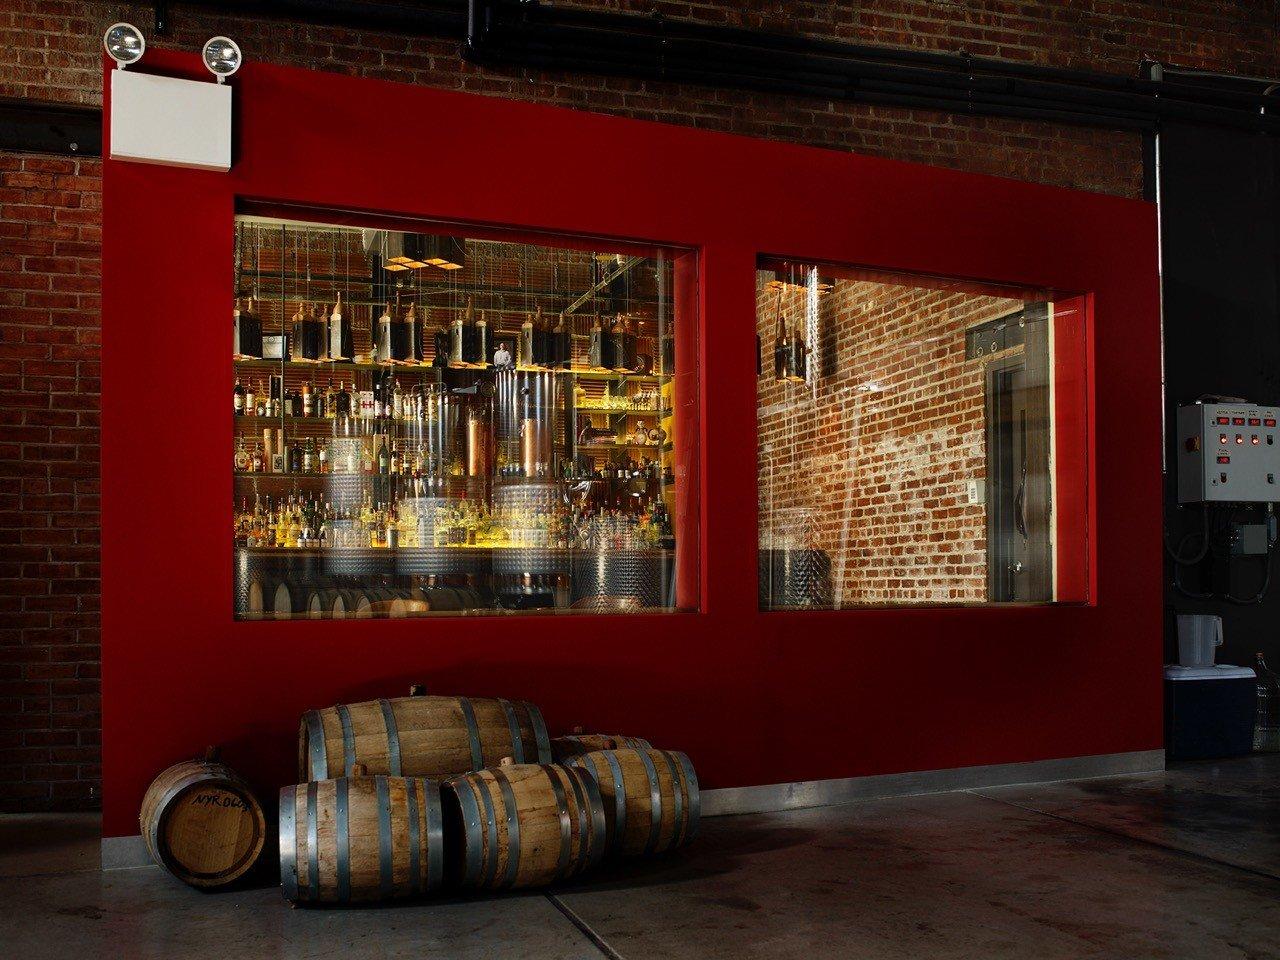 Brooklyn Food + Drink red interior design window display window facade basement